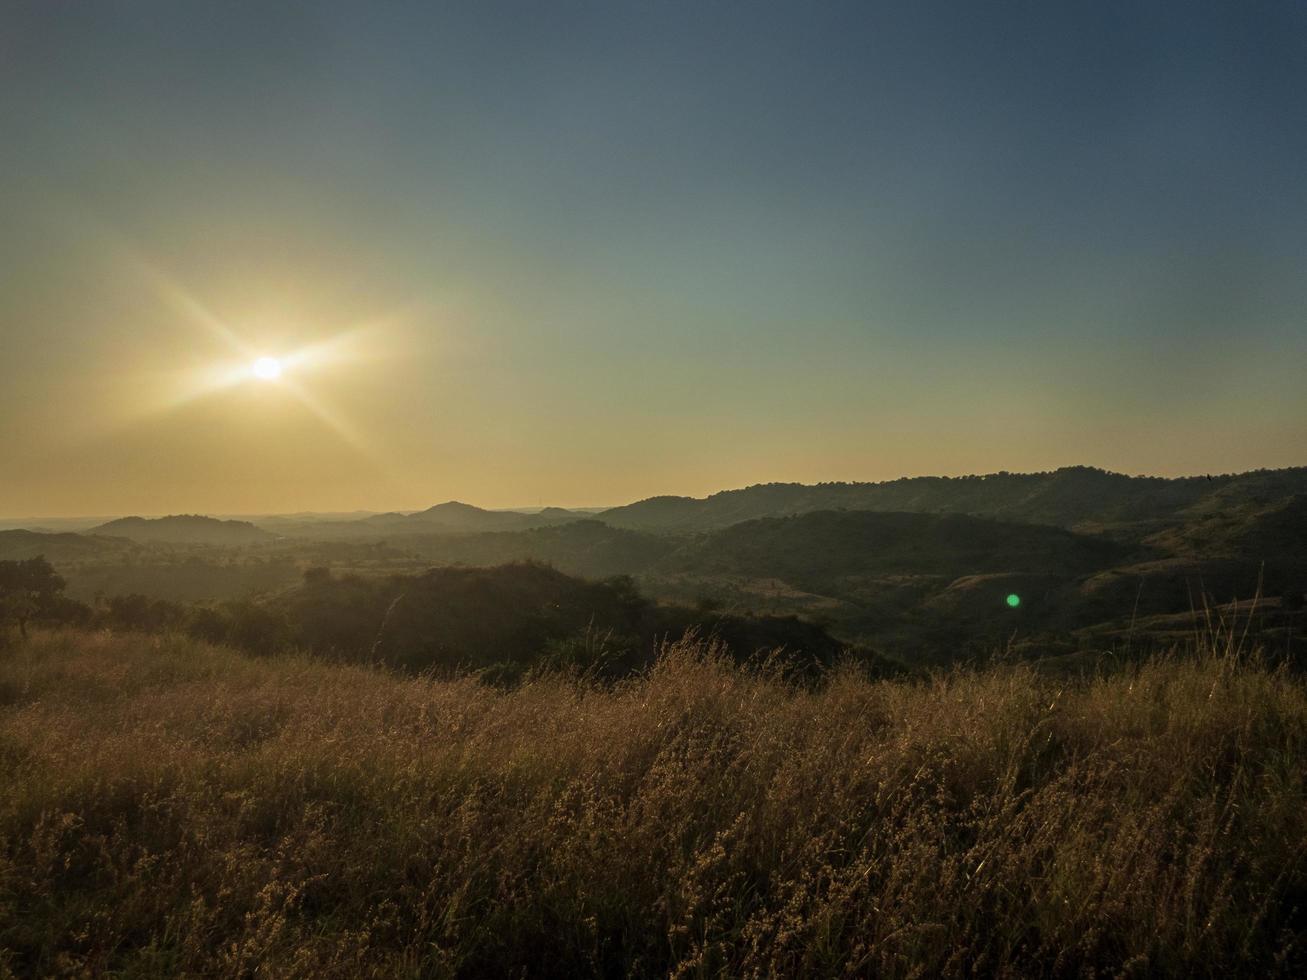 montañas durante la hora dorada foto